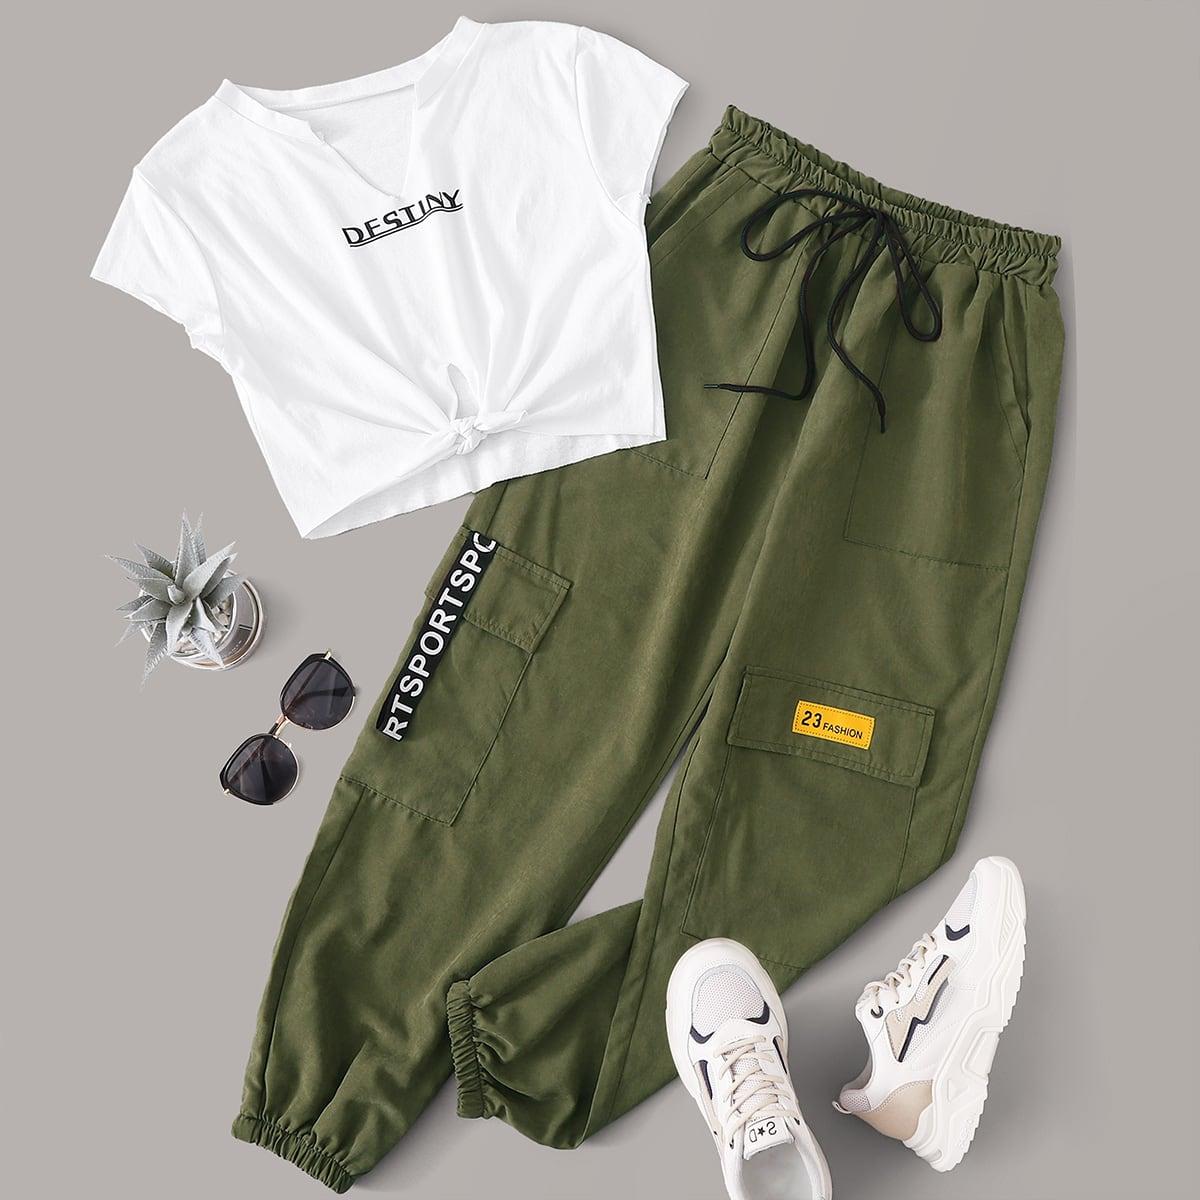 Брюки-карго и футболка с узлом, текстовым принтом от SHEIN